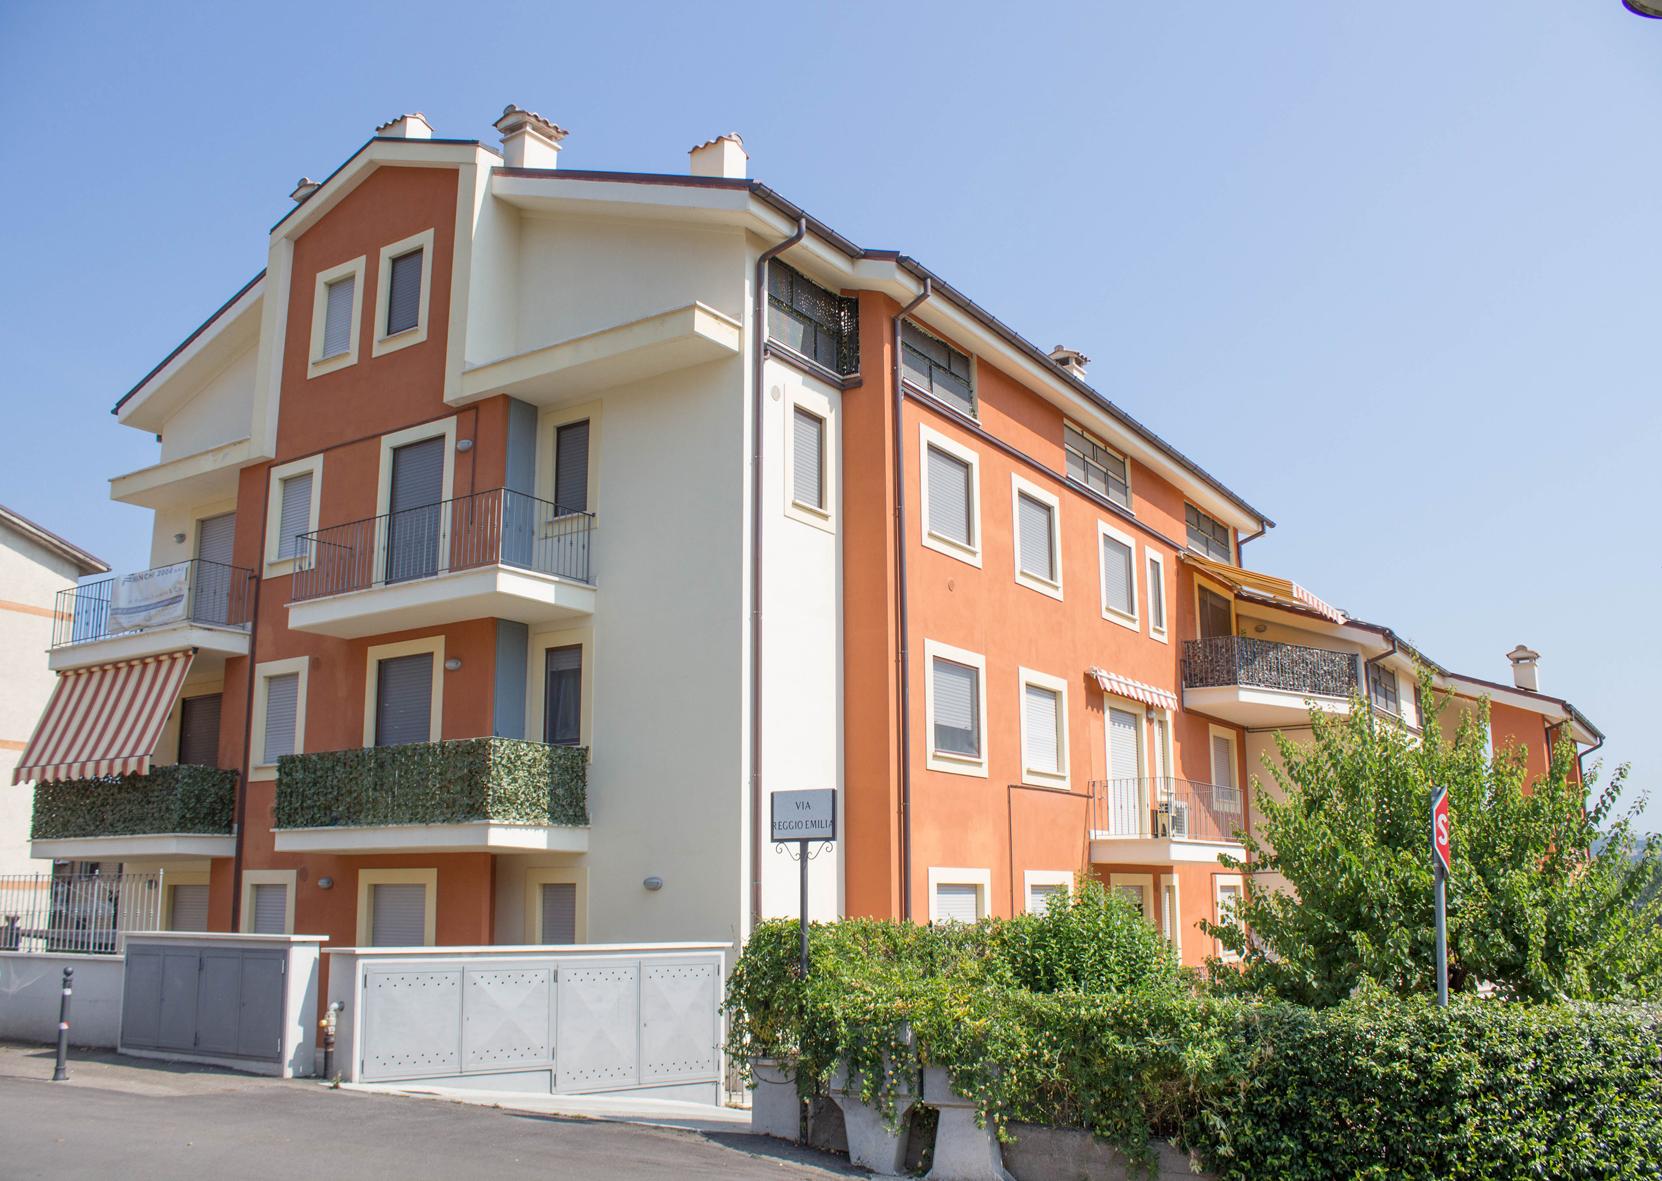 Appartamento in vendita a Orte, 3 locali, zona Località: OrteScalo, prezzo € 149.000 | CambioCasa.it